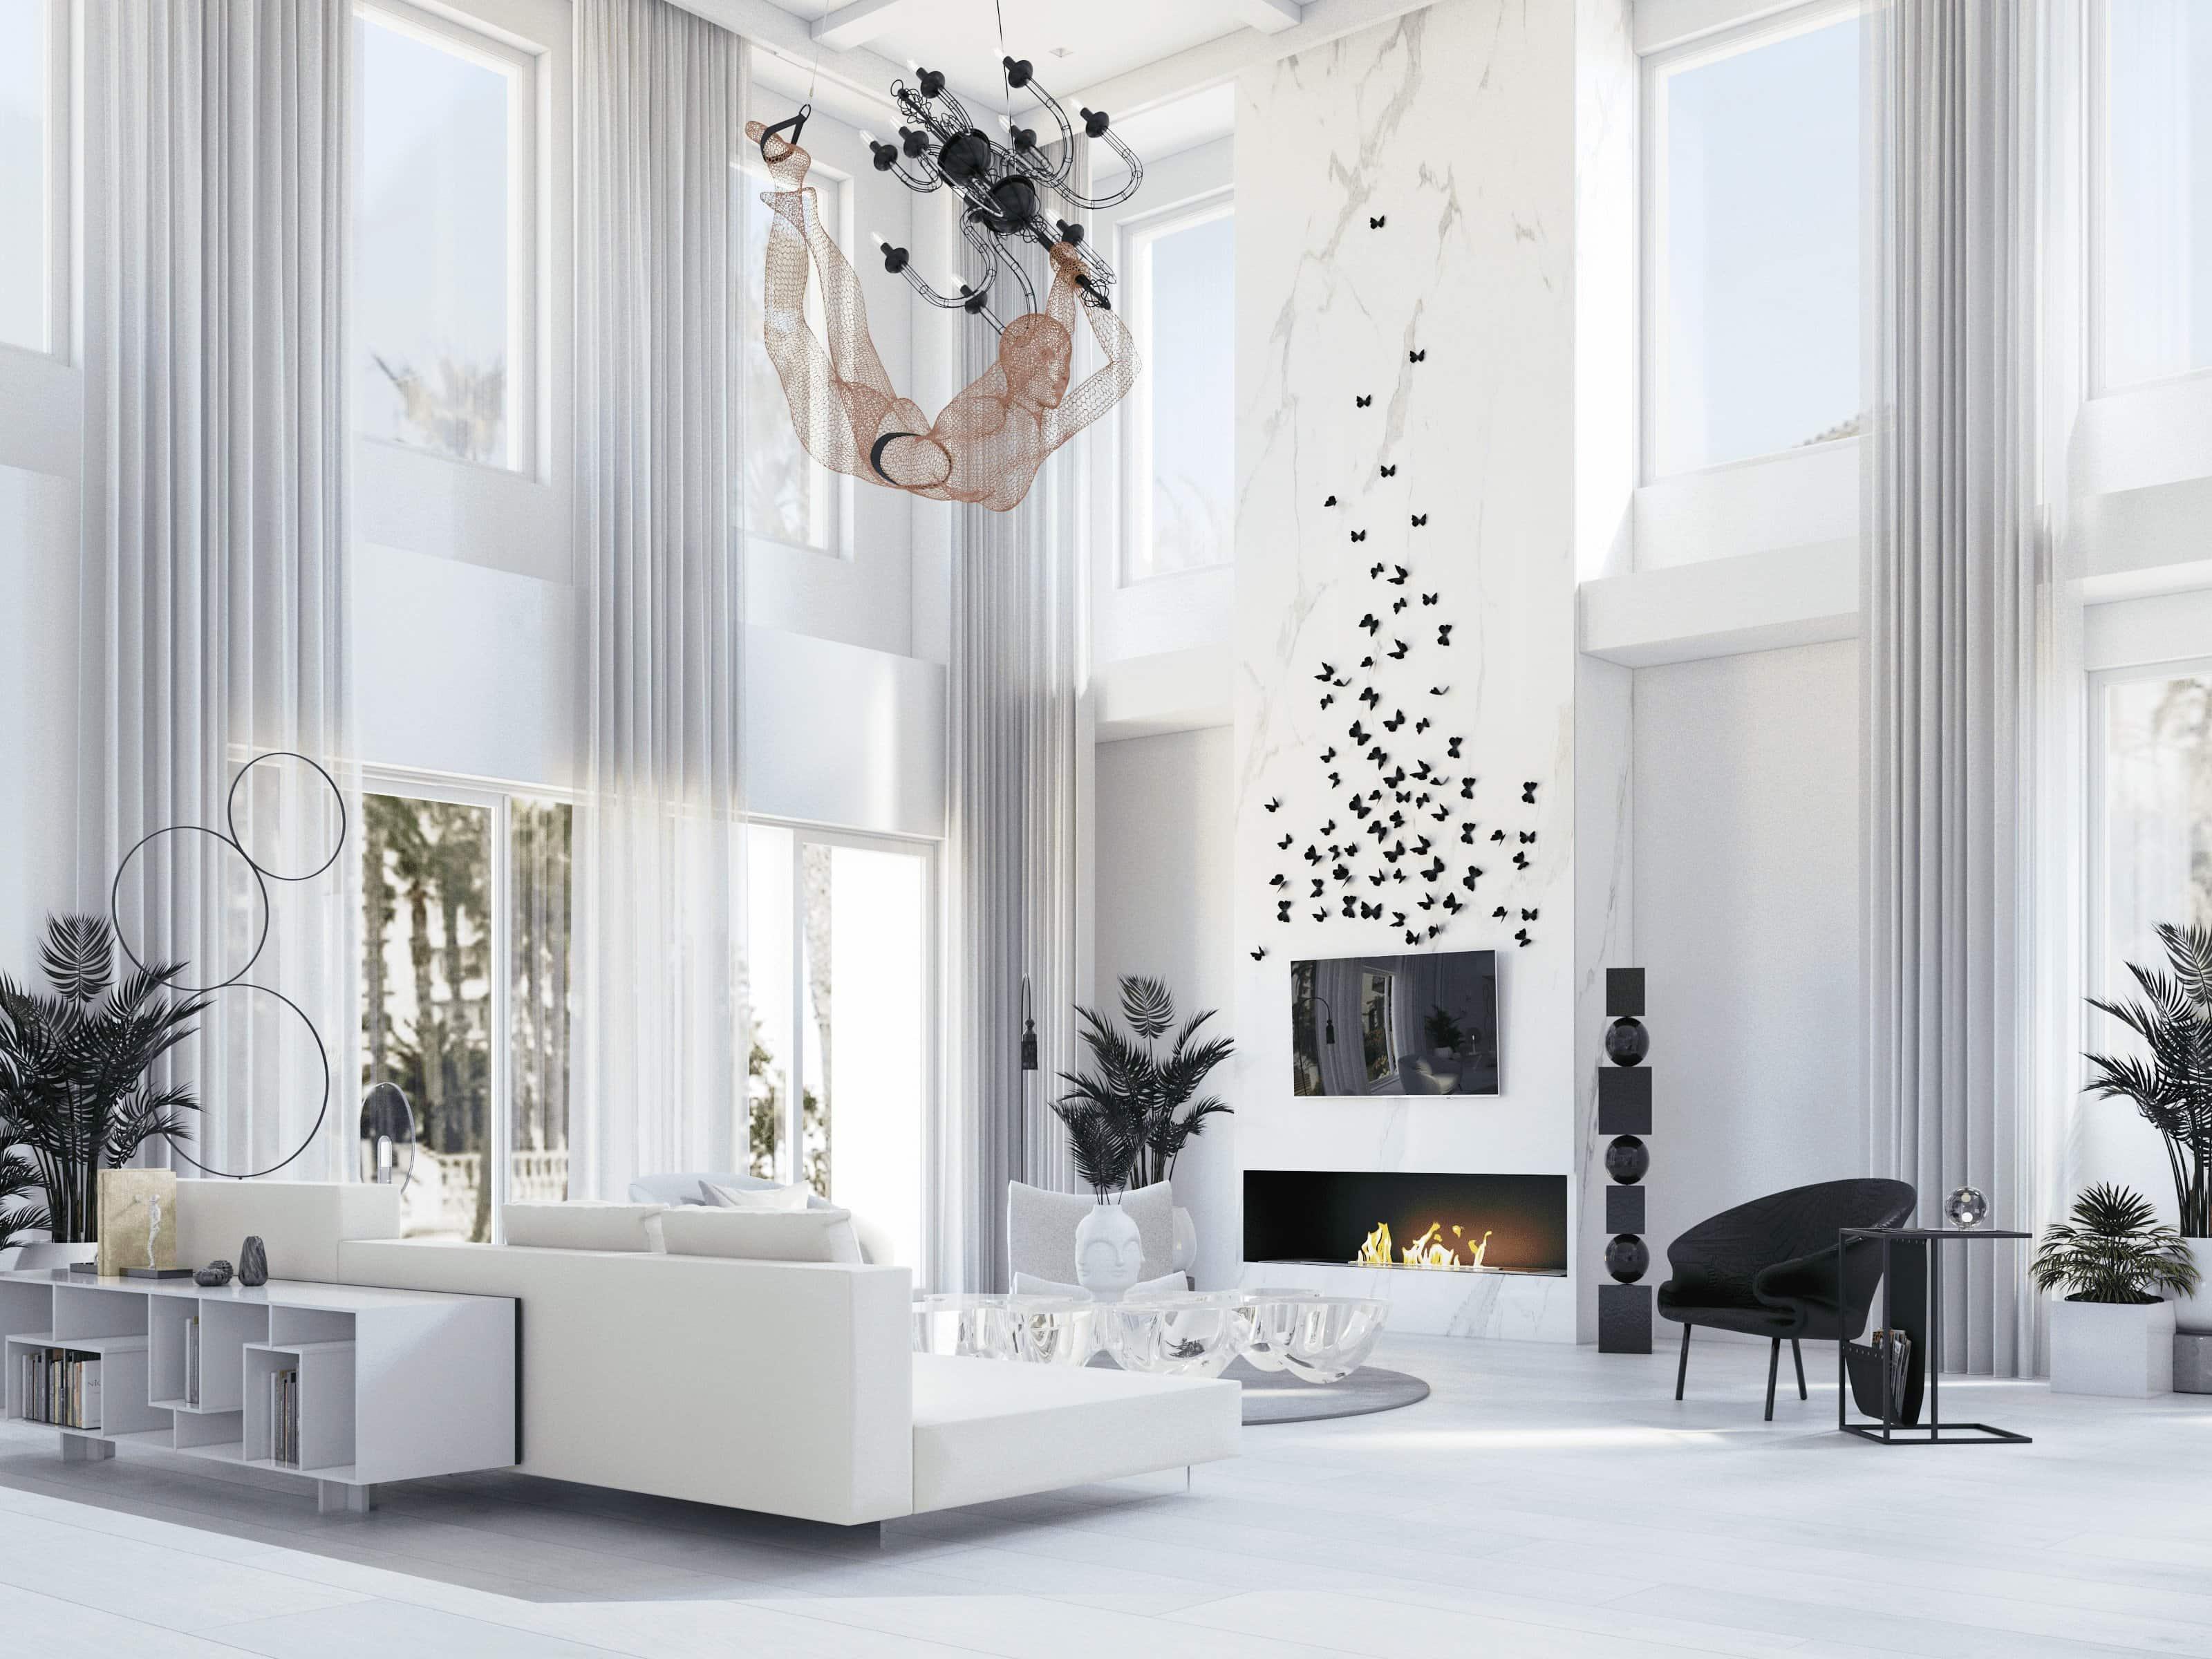 Brana Designes Milan